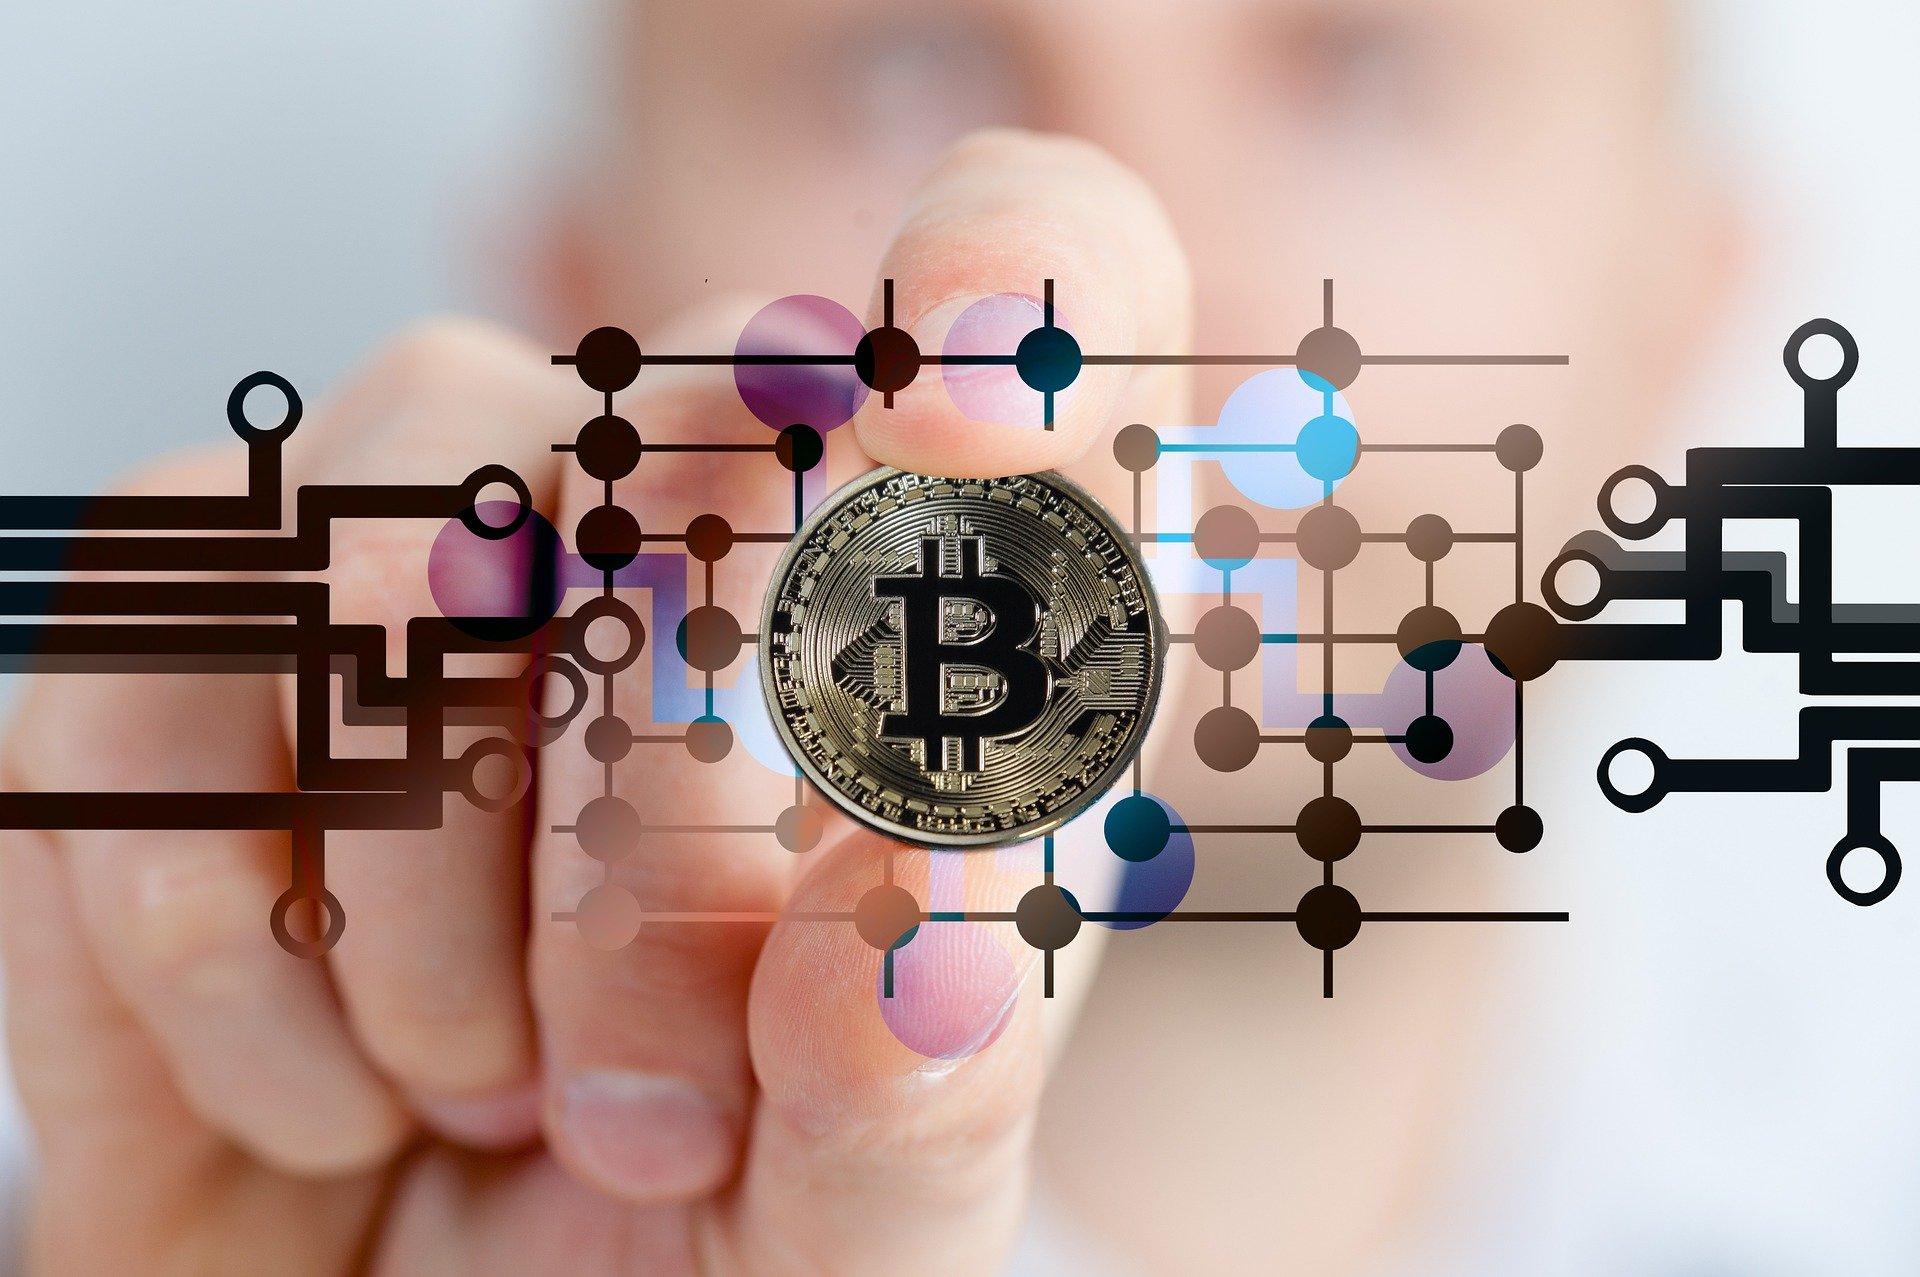 Vola il Bitcoin, le criptovalute saranno il futuro del mondo finanziario e dei pagamenti?